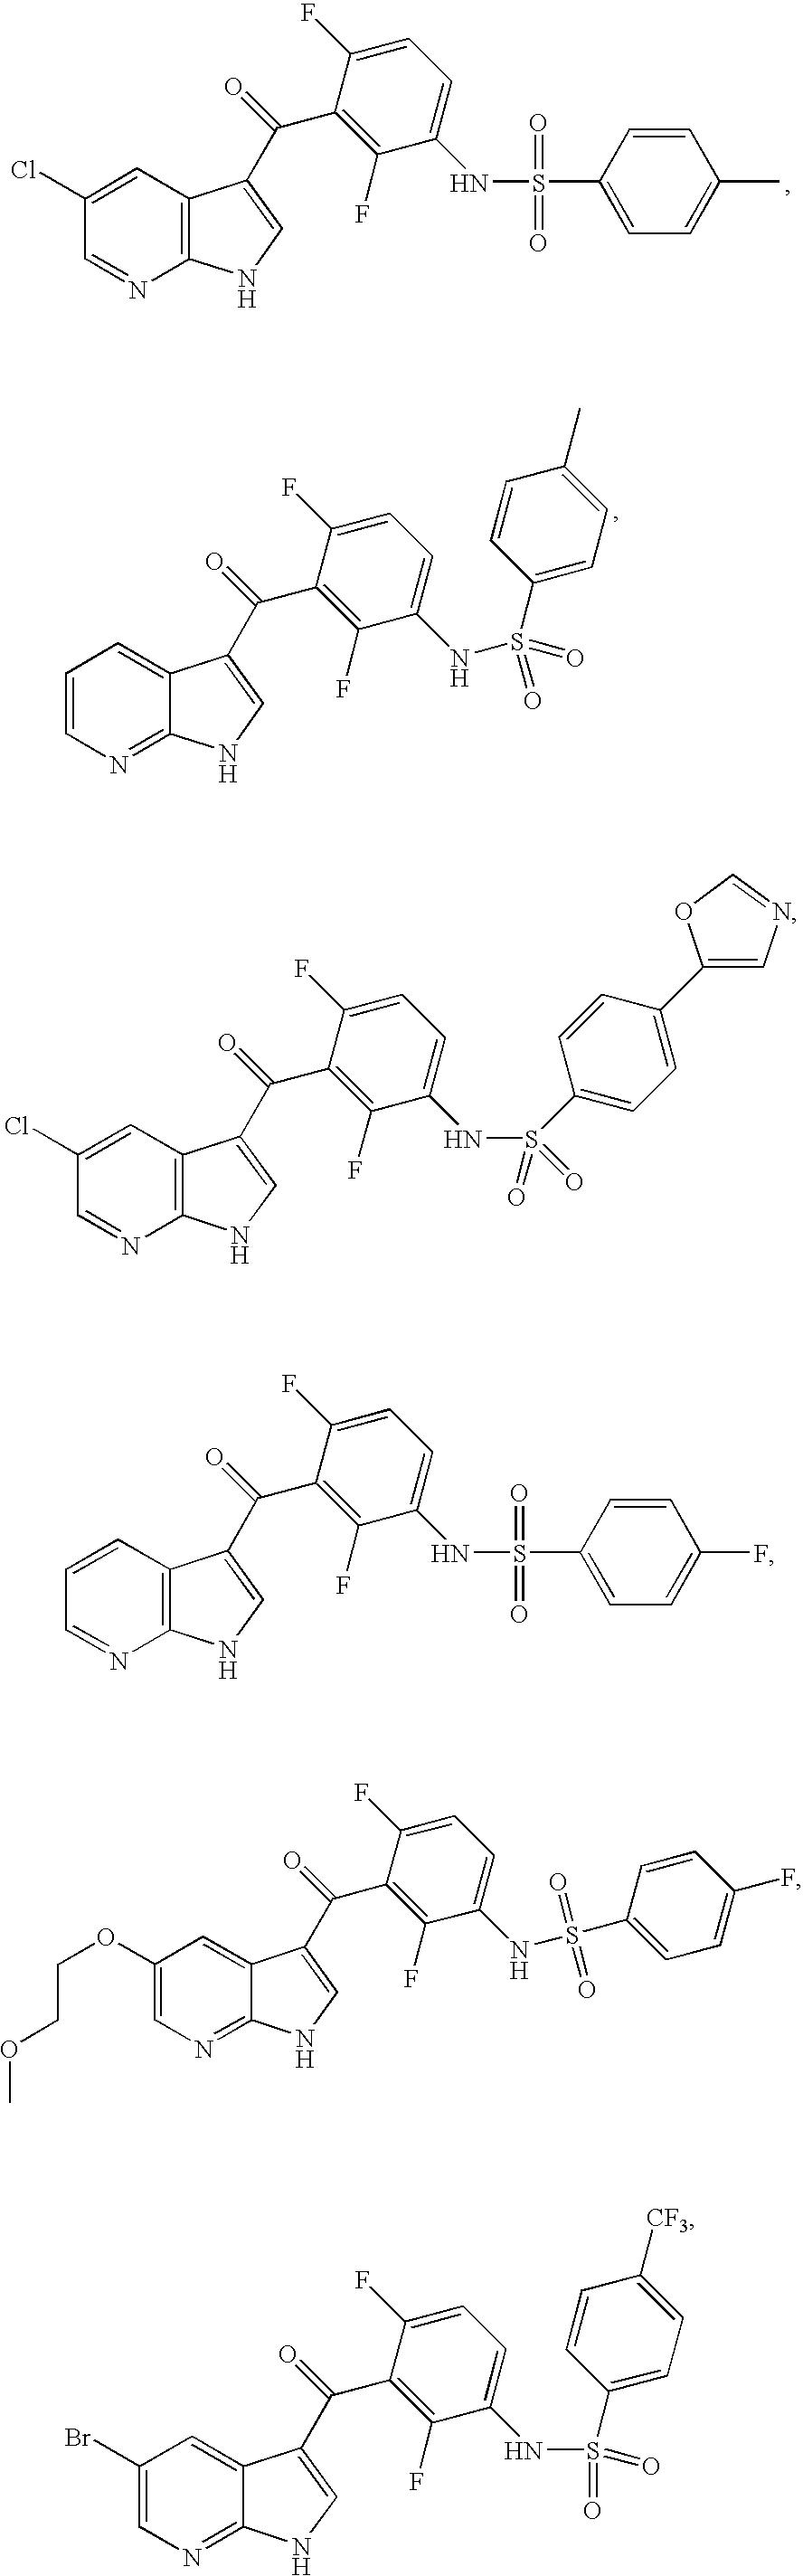 Figure US20080167338A1-20080710-C00171